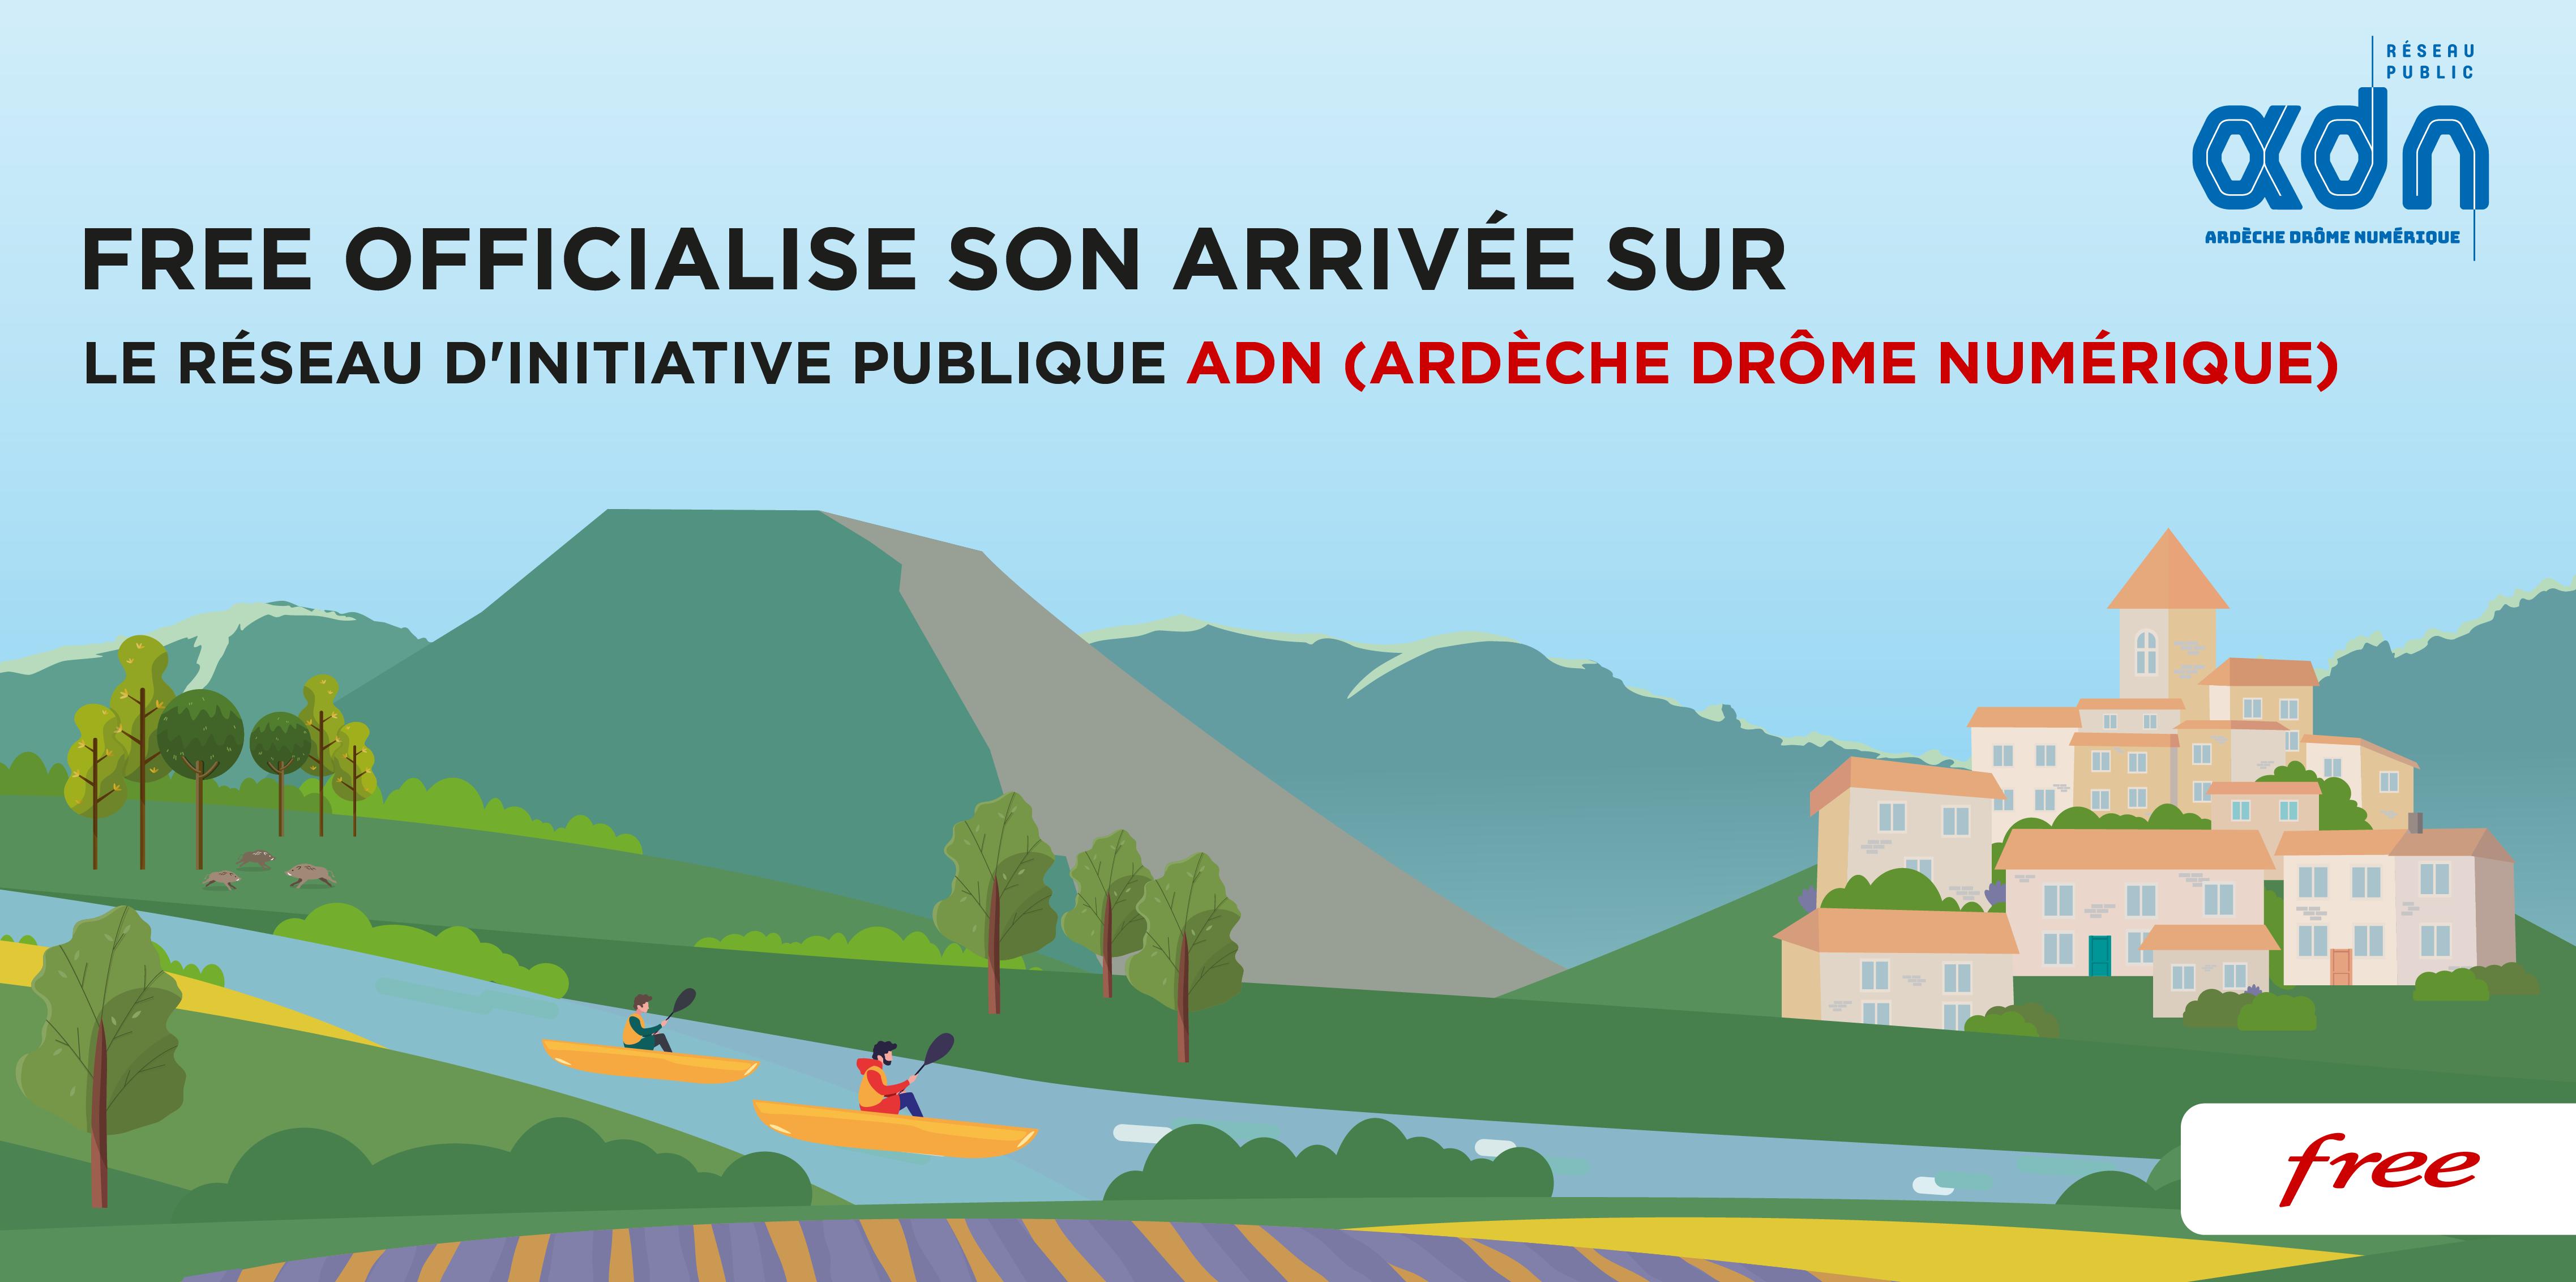 Free officialise son arrivée sur le Réseau d'Initiative Publique ADN (Ardèche Drôme Numérique)